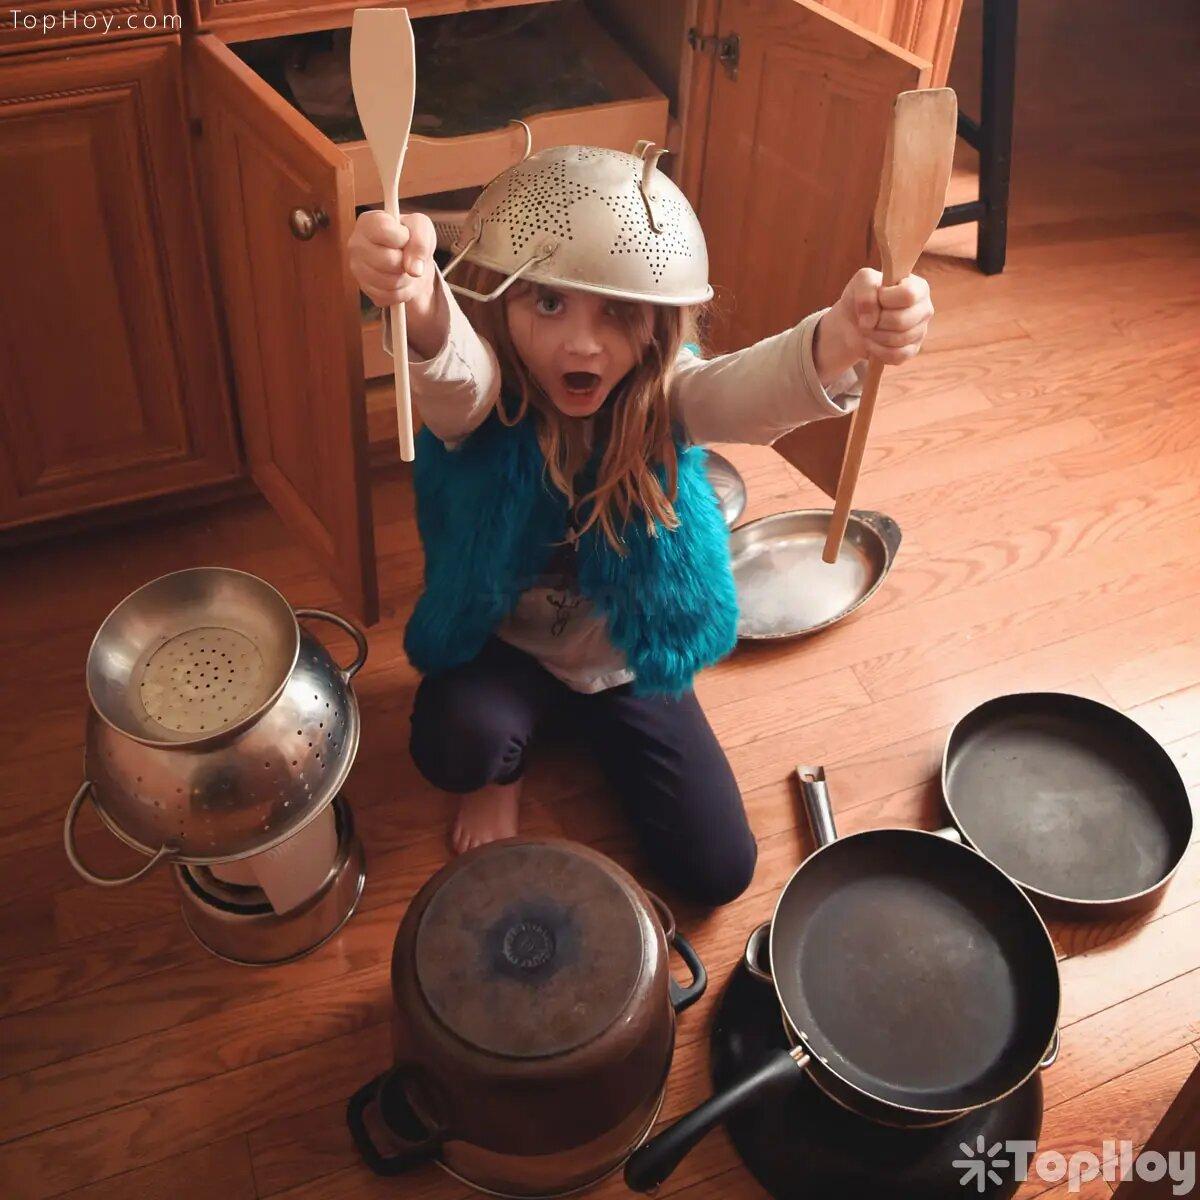 Golpear fuertemente las ollas, atraerá la buena suerte a tu hogar.